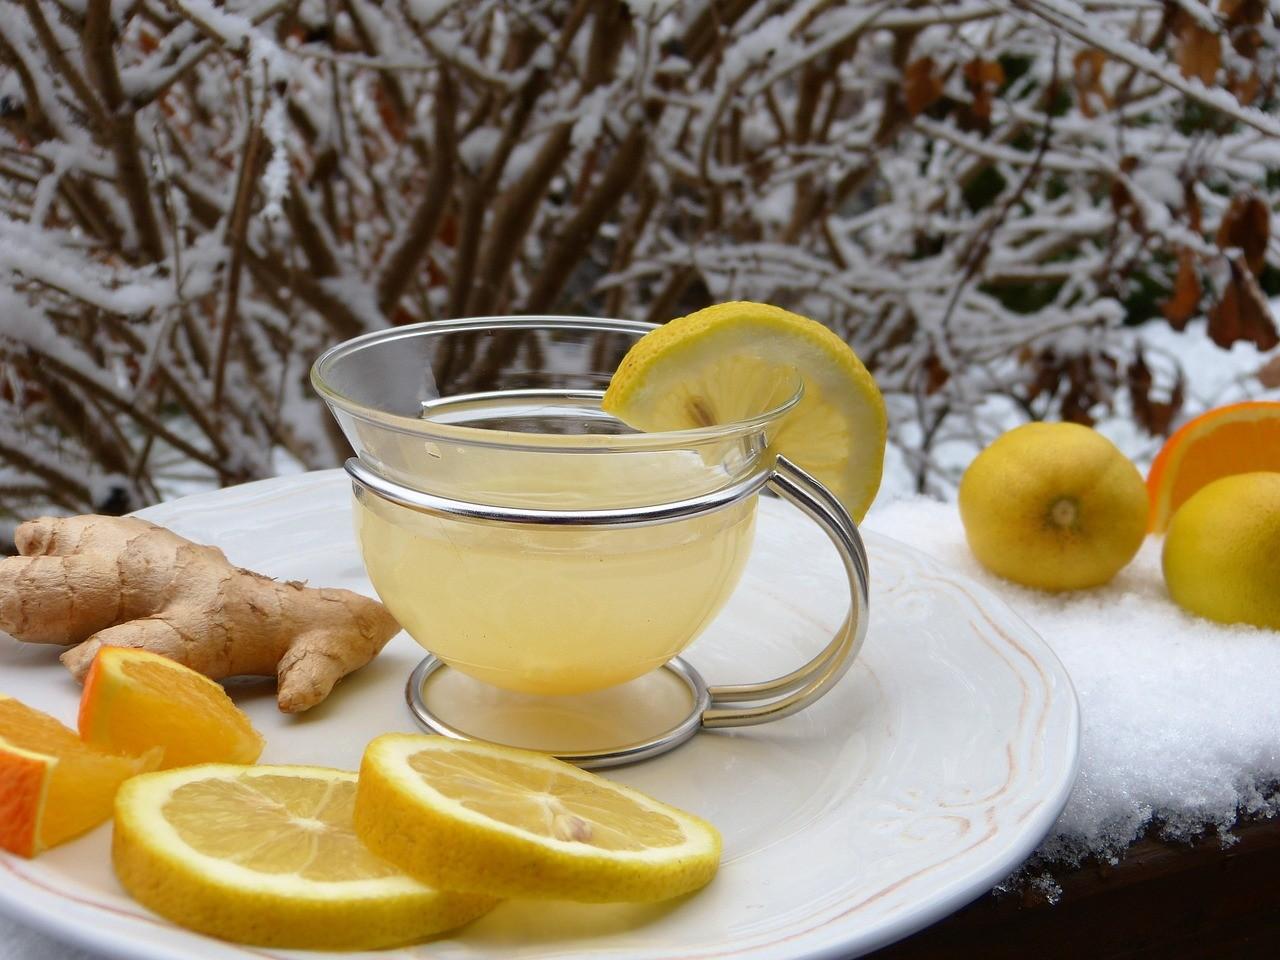 Stop a influenza e raffreddore, le 8 regole per difendersi a tavola